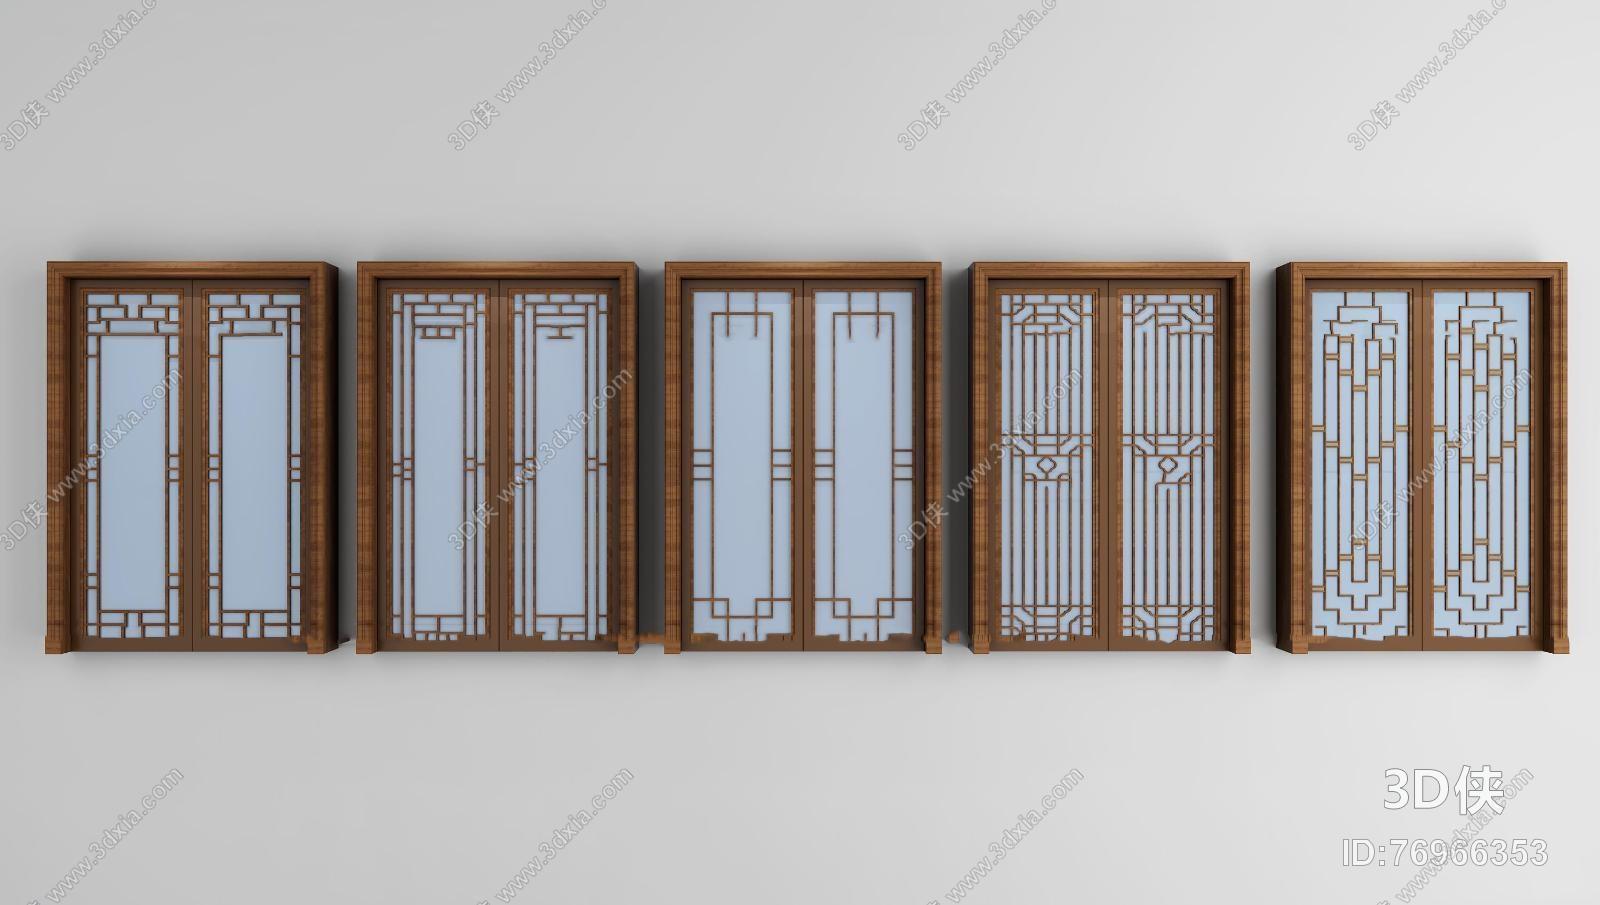 門窗戶效果圖素材免費下載,本作品主題是中式實木門推拉門組合3d模型